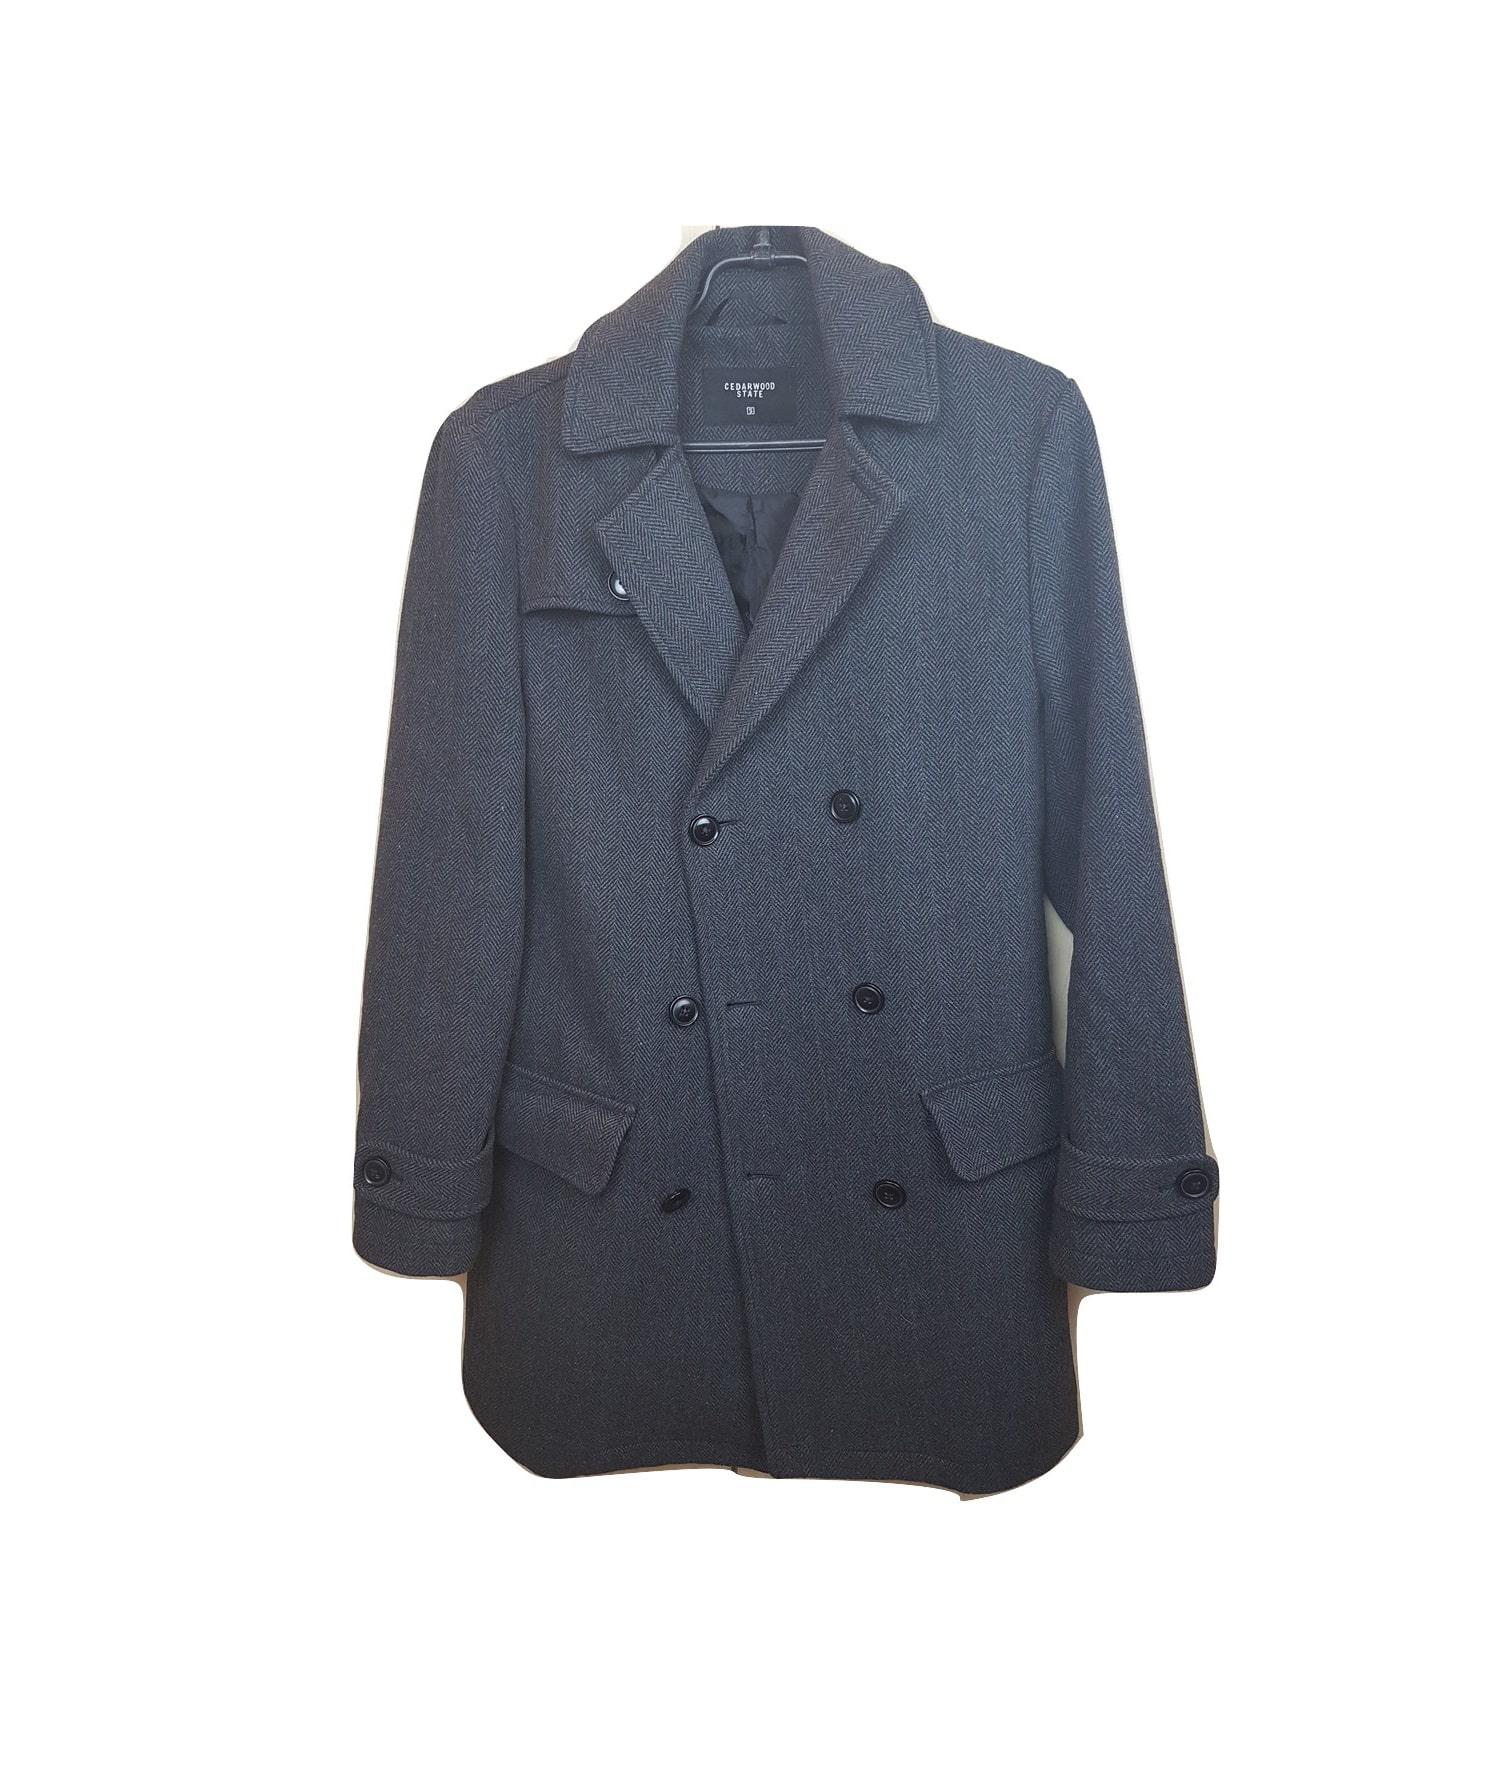 Vyriškas tamsus ilgas paltas, Cedarwood State, S dydis